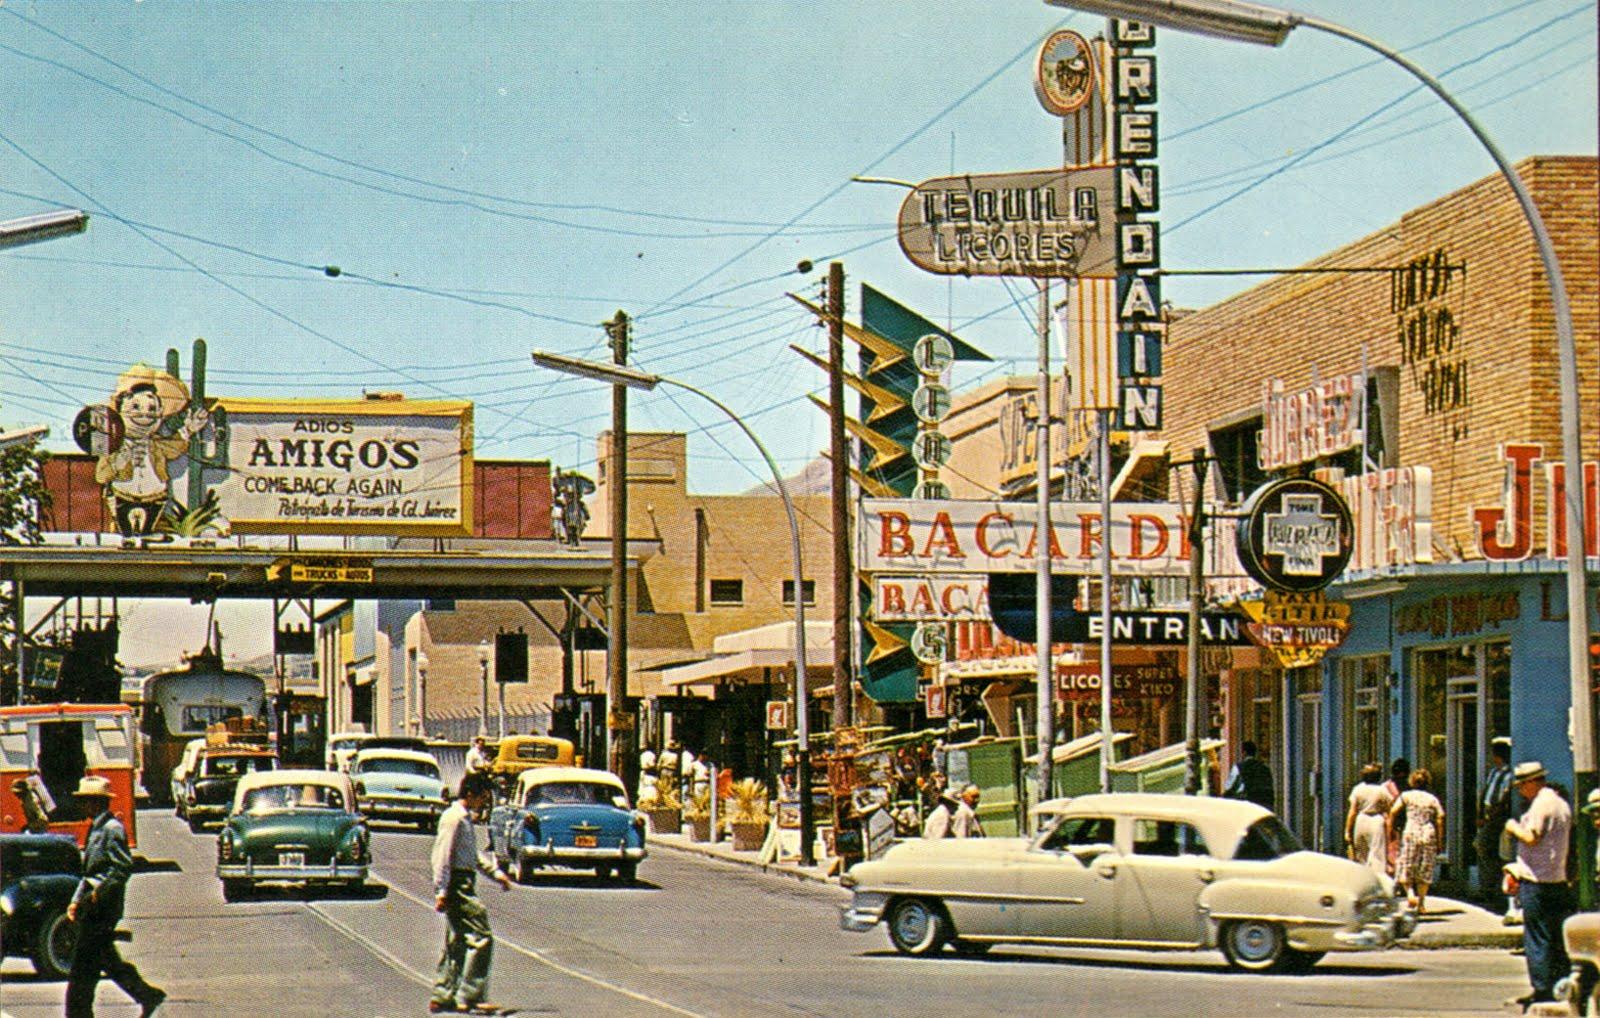 Wallpaper Stores In El Paso Texas   wallpaper animal hd 1600x1018